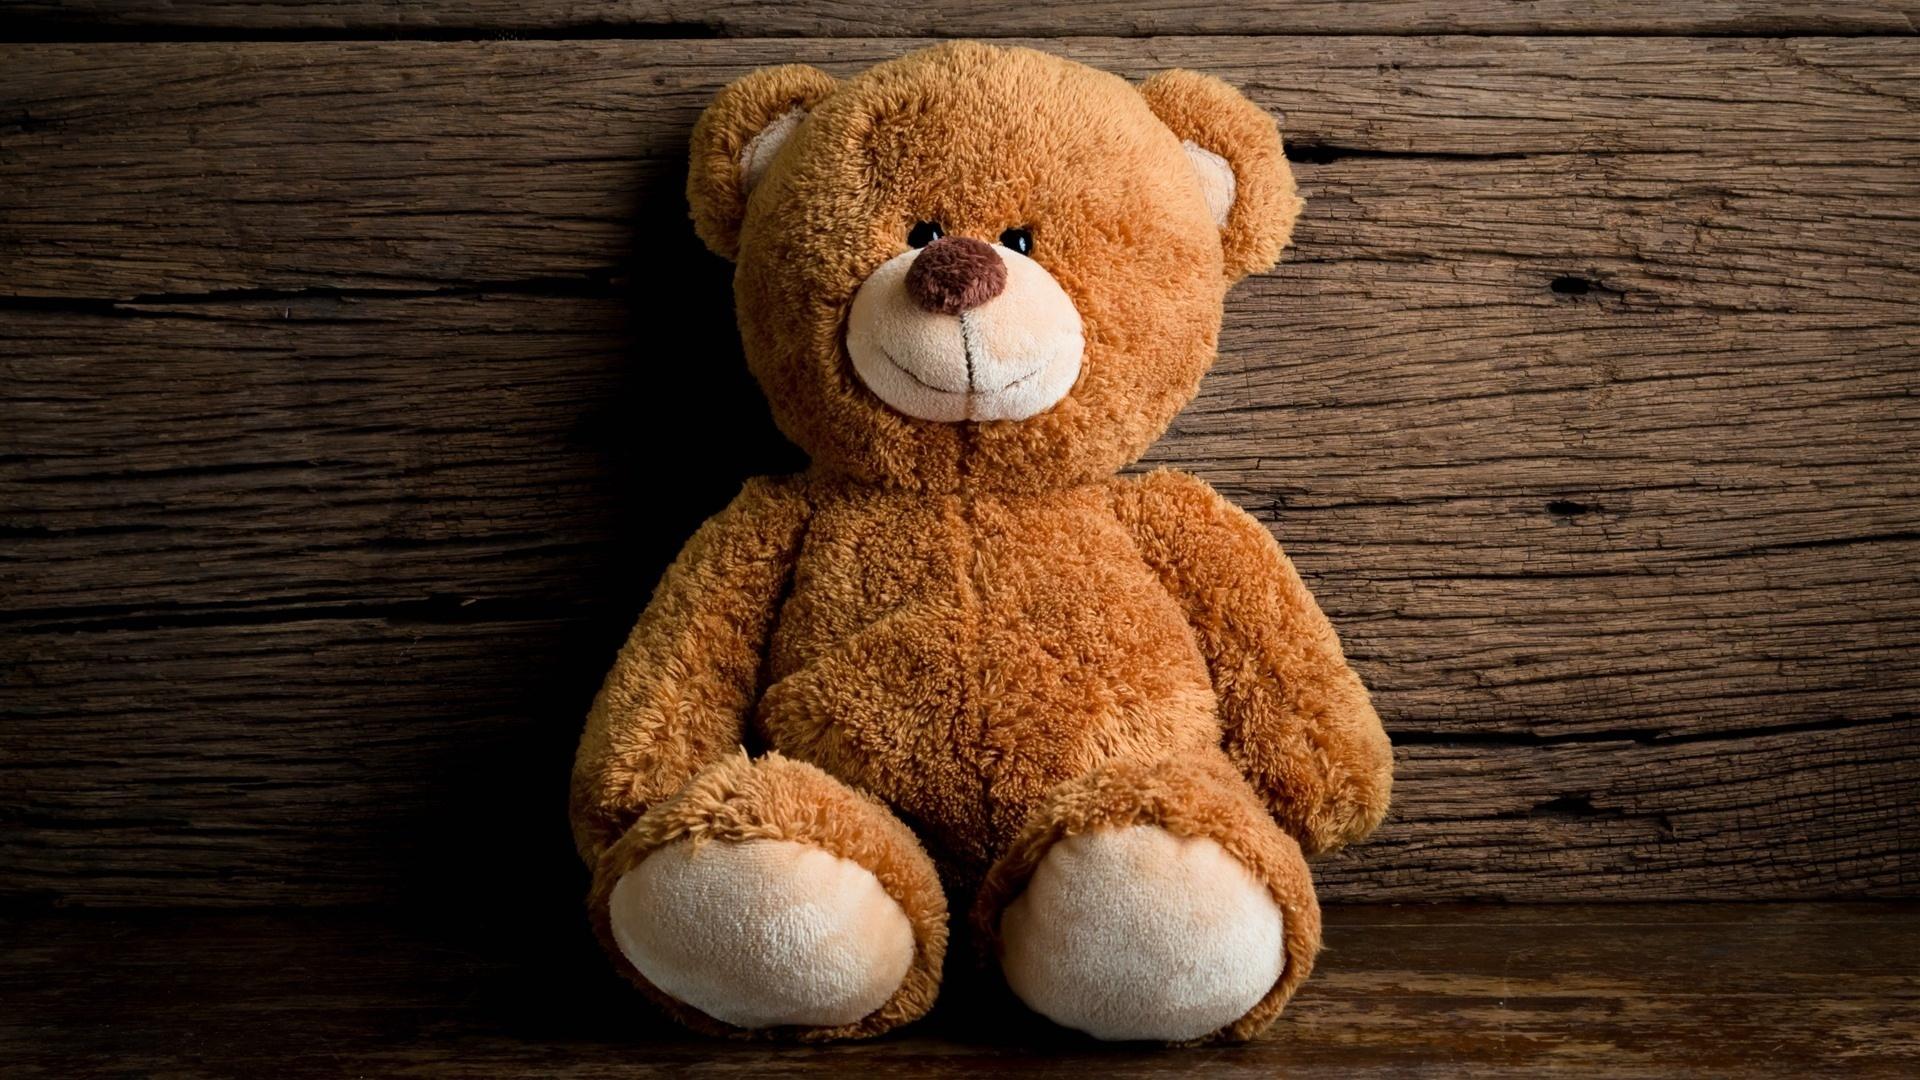 Teddy Bear PC Wallpaper HD